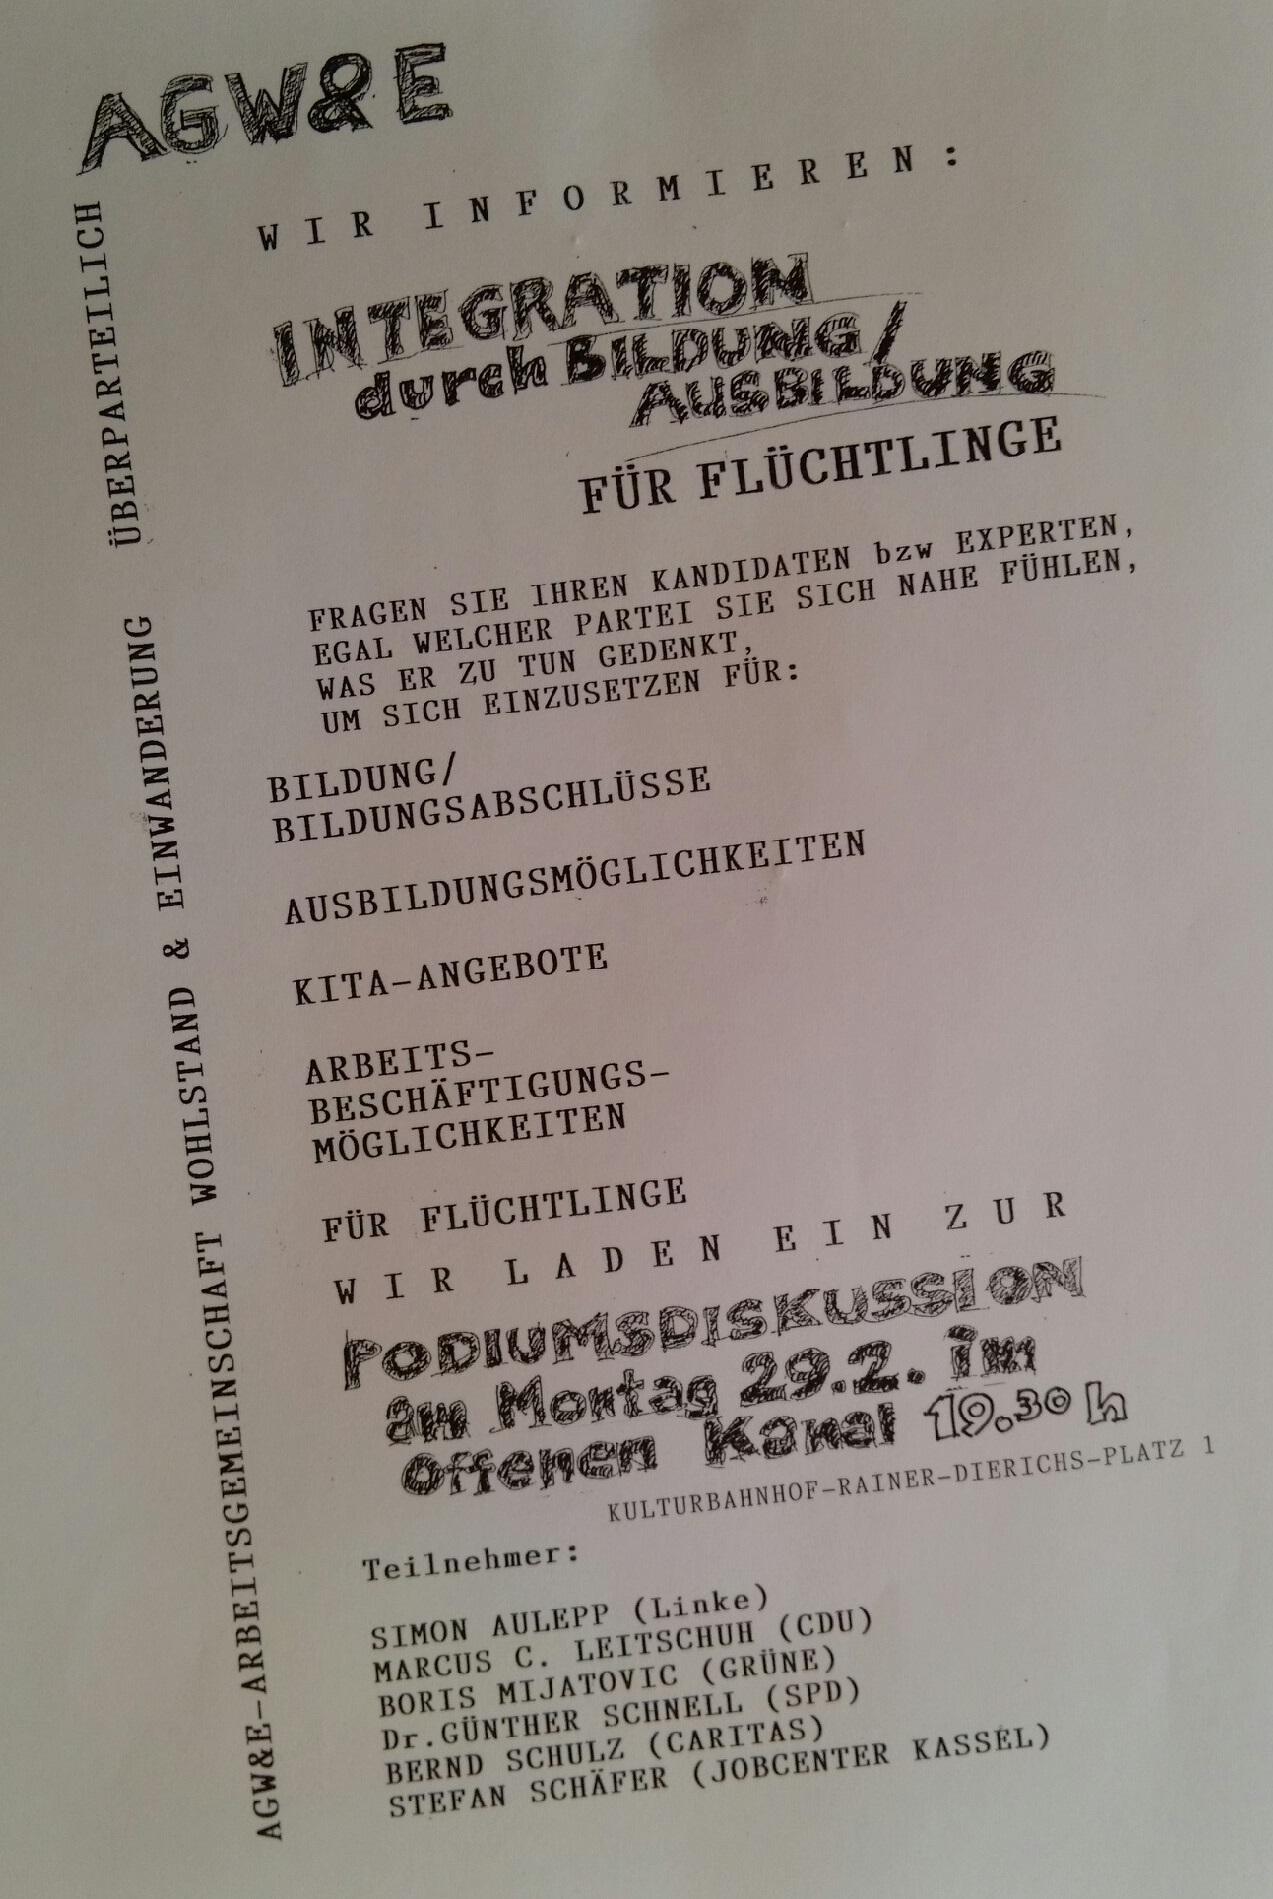 Einladung_29022015_Jochen